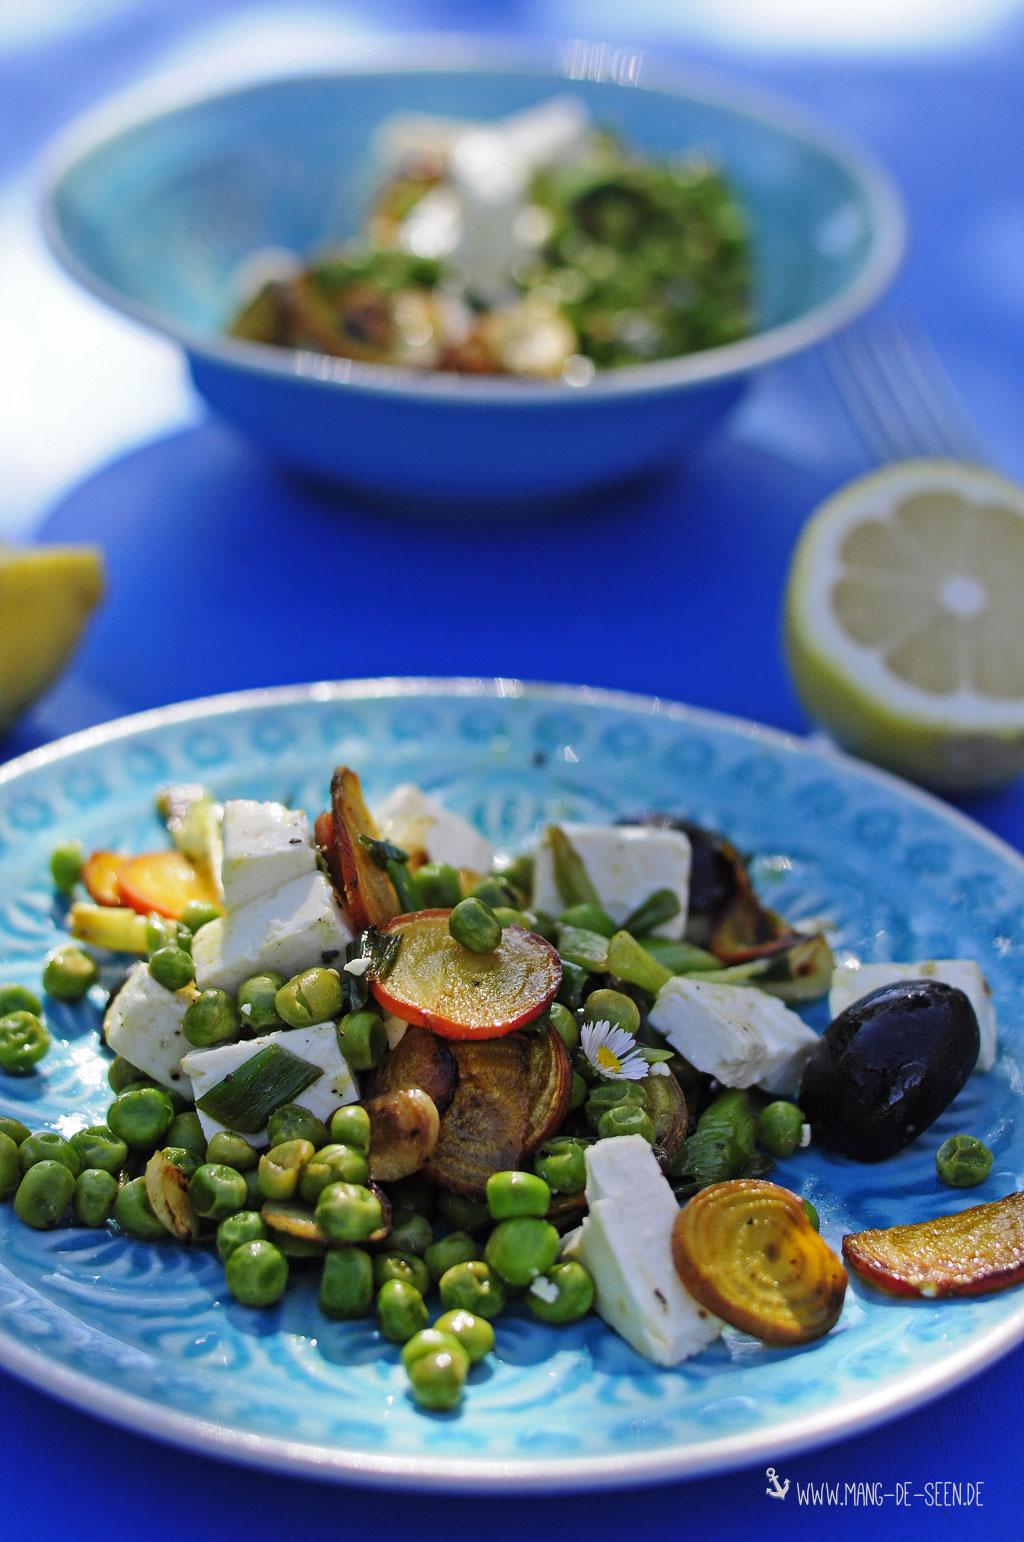 Erste Ernte aus dem heimischen Gemüsebeet…klein aber fein wird daraus ein lauwarmer Gemüsesalat - Kochen macht glücklich